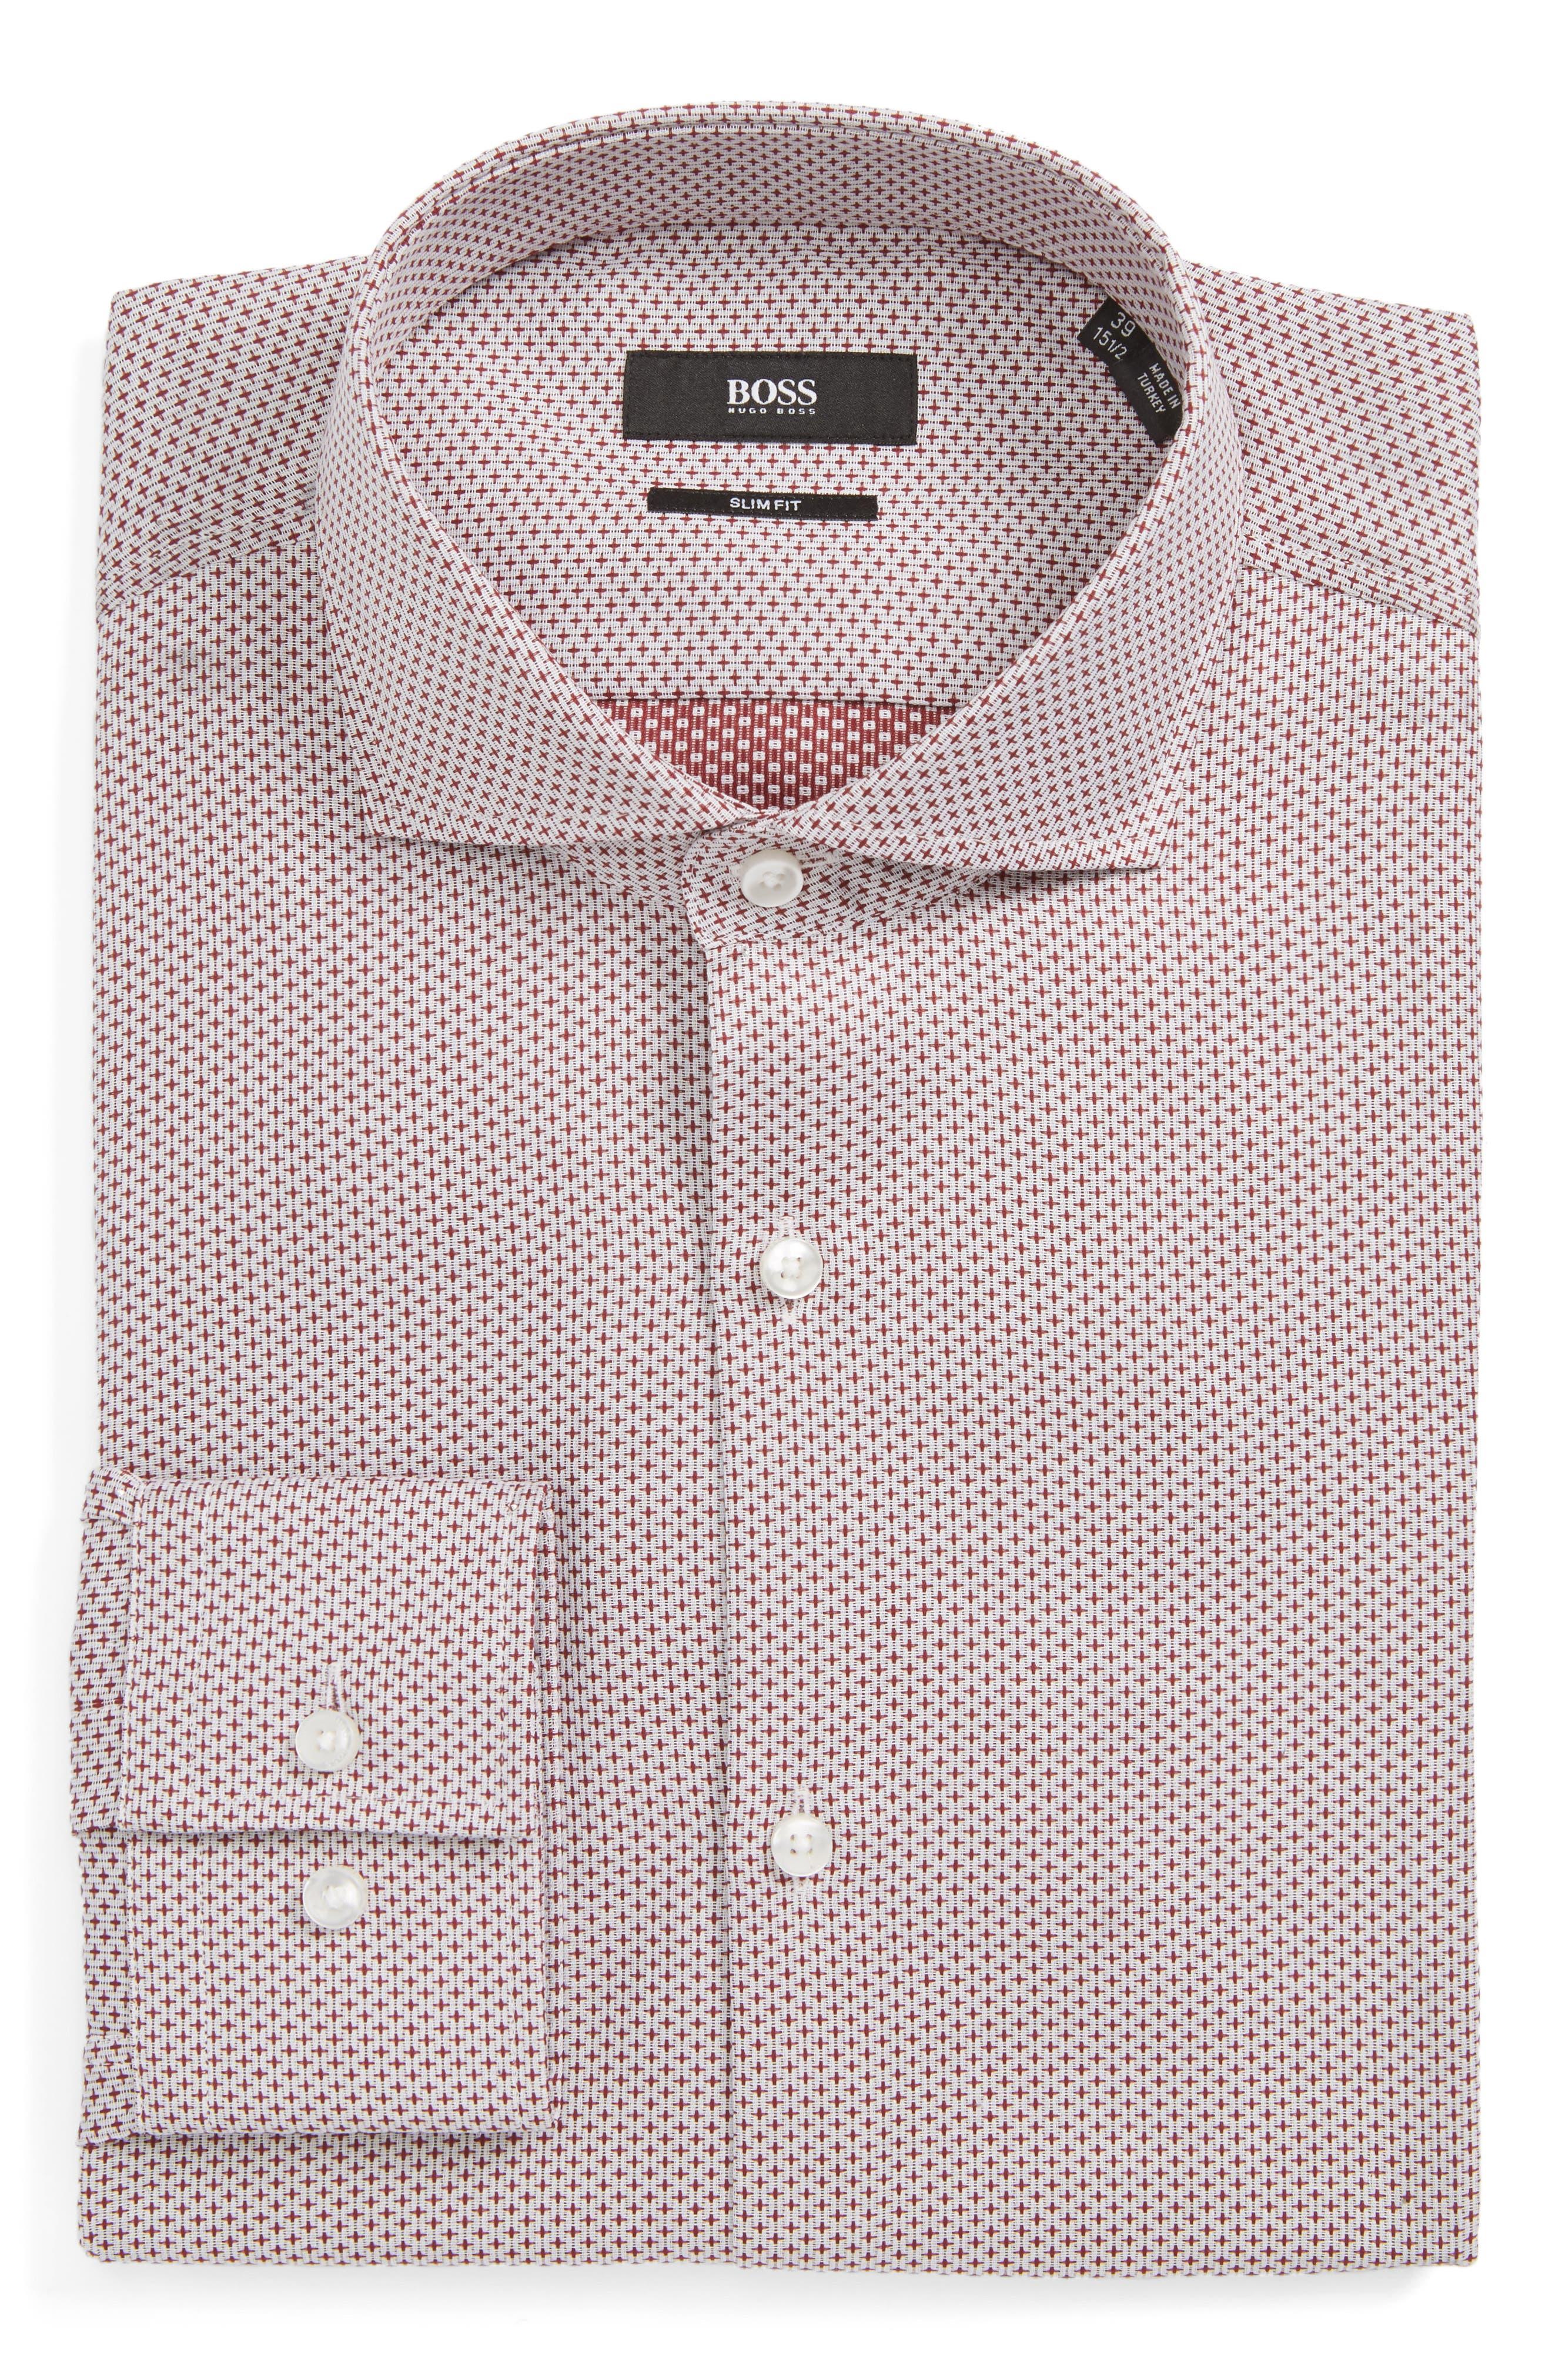 Jason Slim Fit Dress Shirt,                         Main,                         color, Burgundy